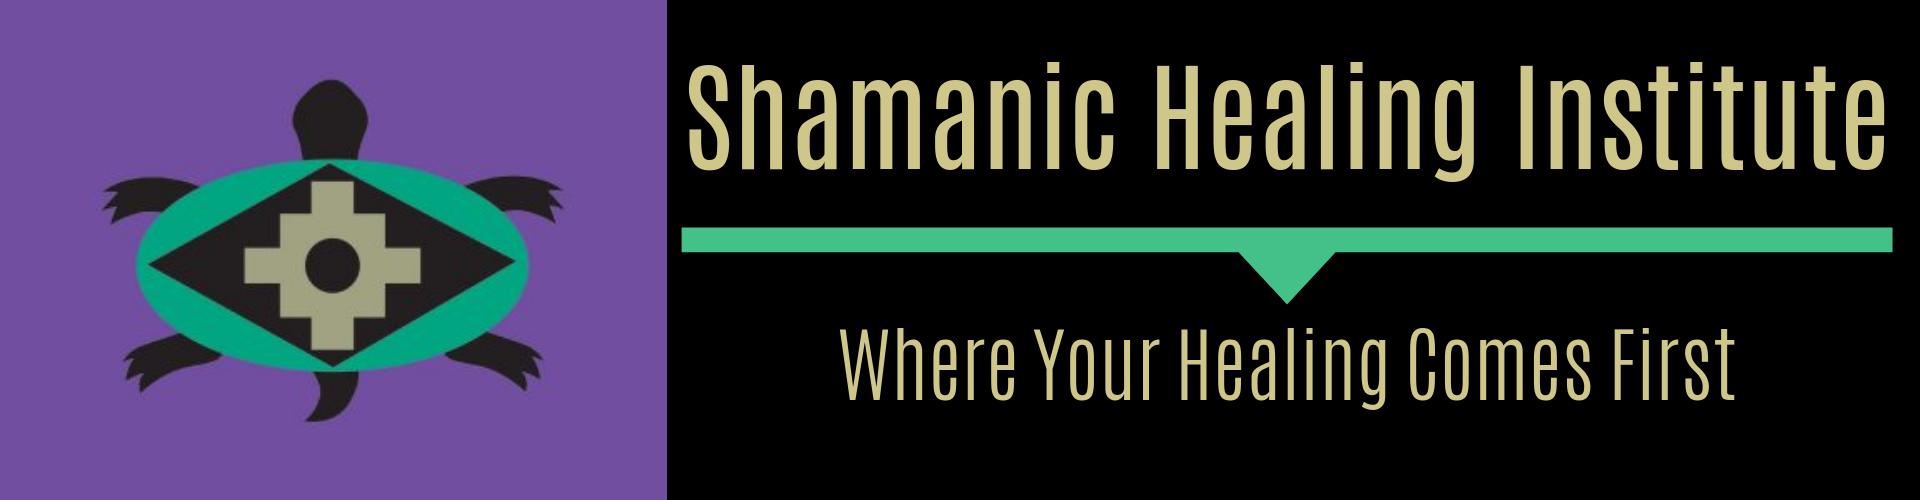 Shamanic Healing Institute